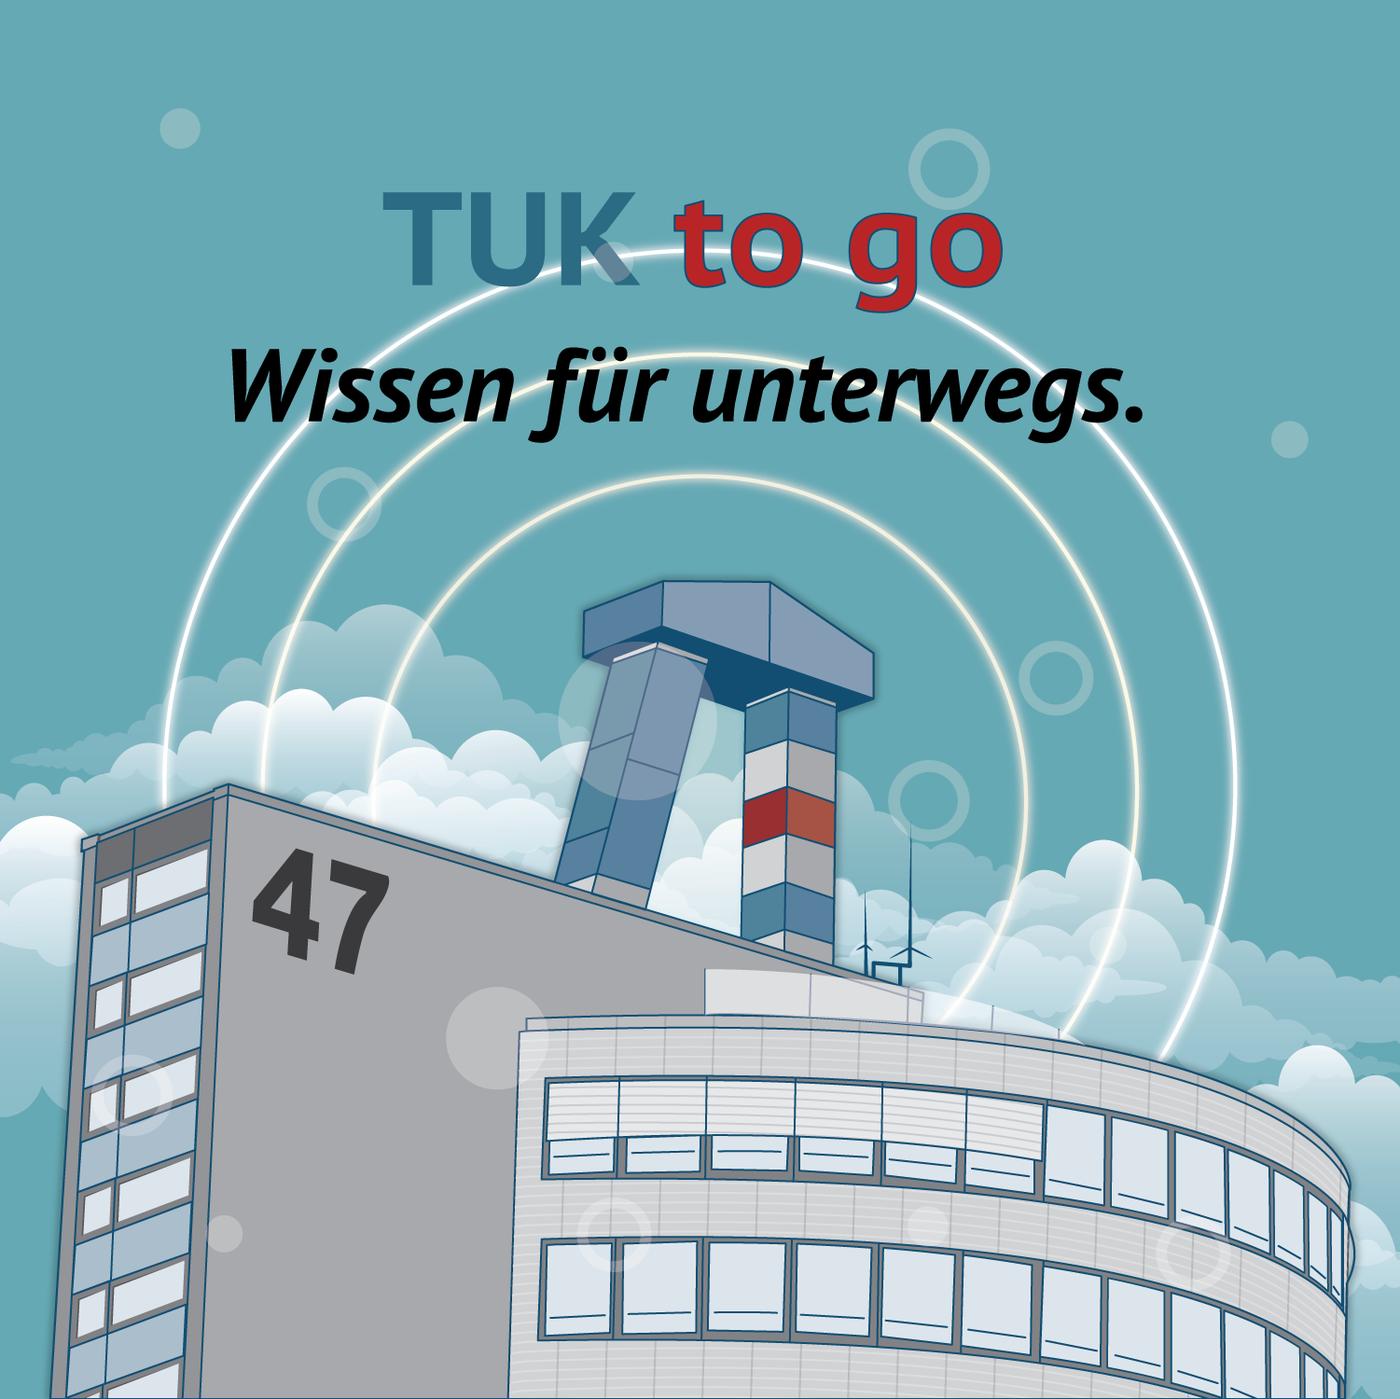 07 Schon gewusst: Das ESA Wohnheim auf dem Campus der TUK